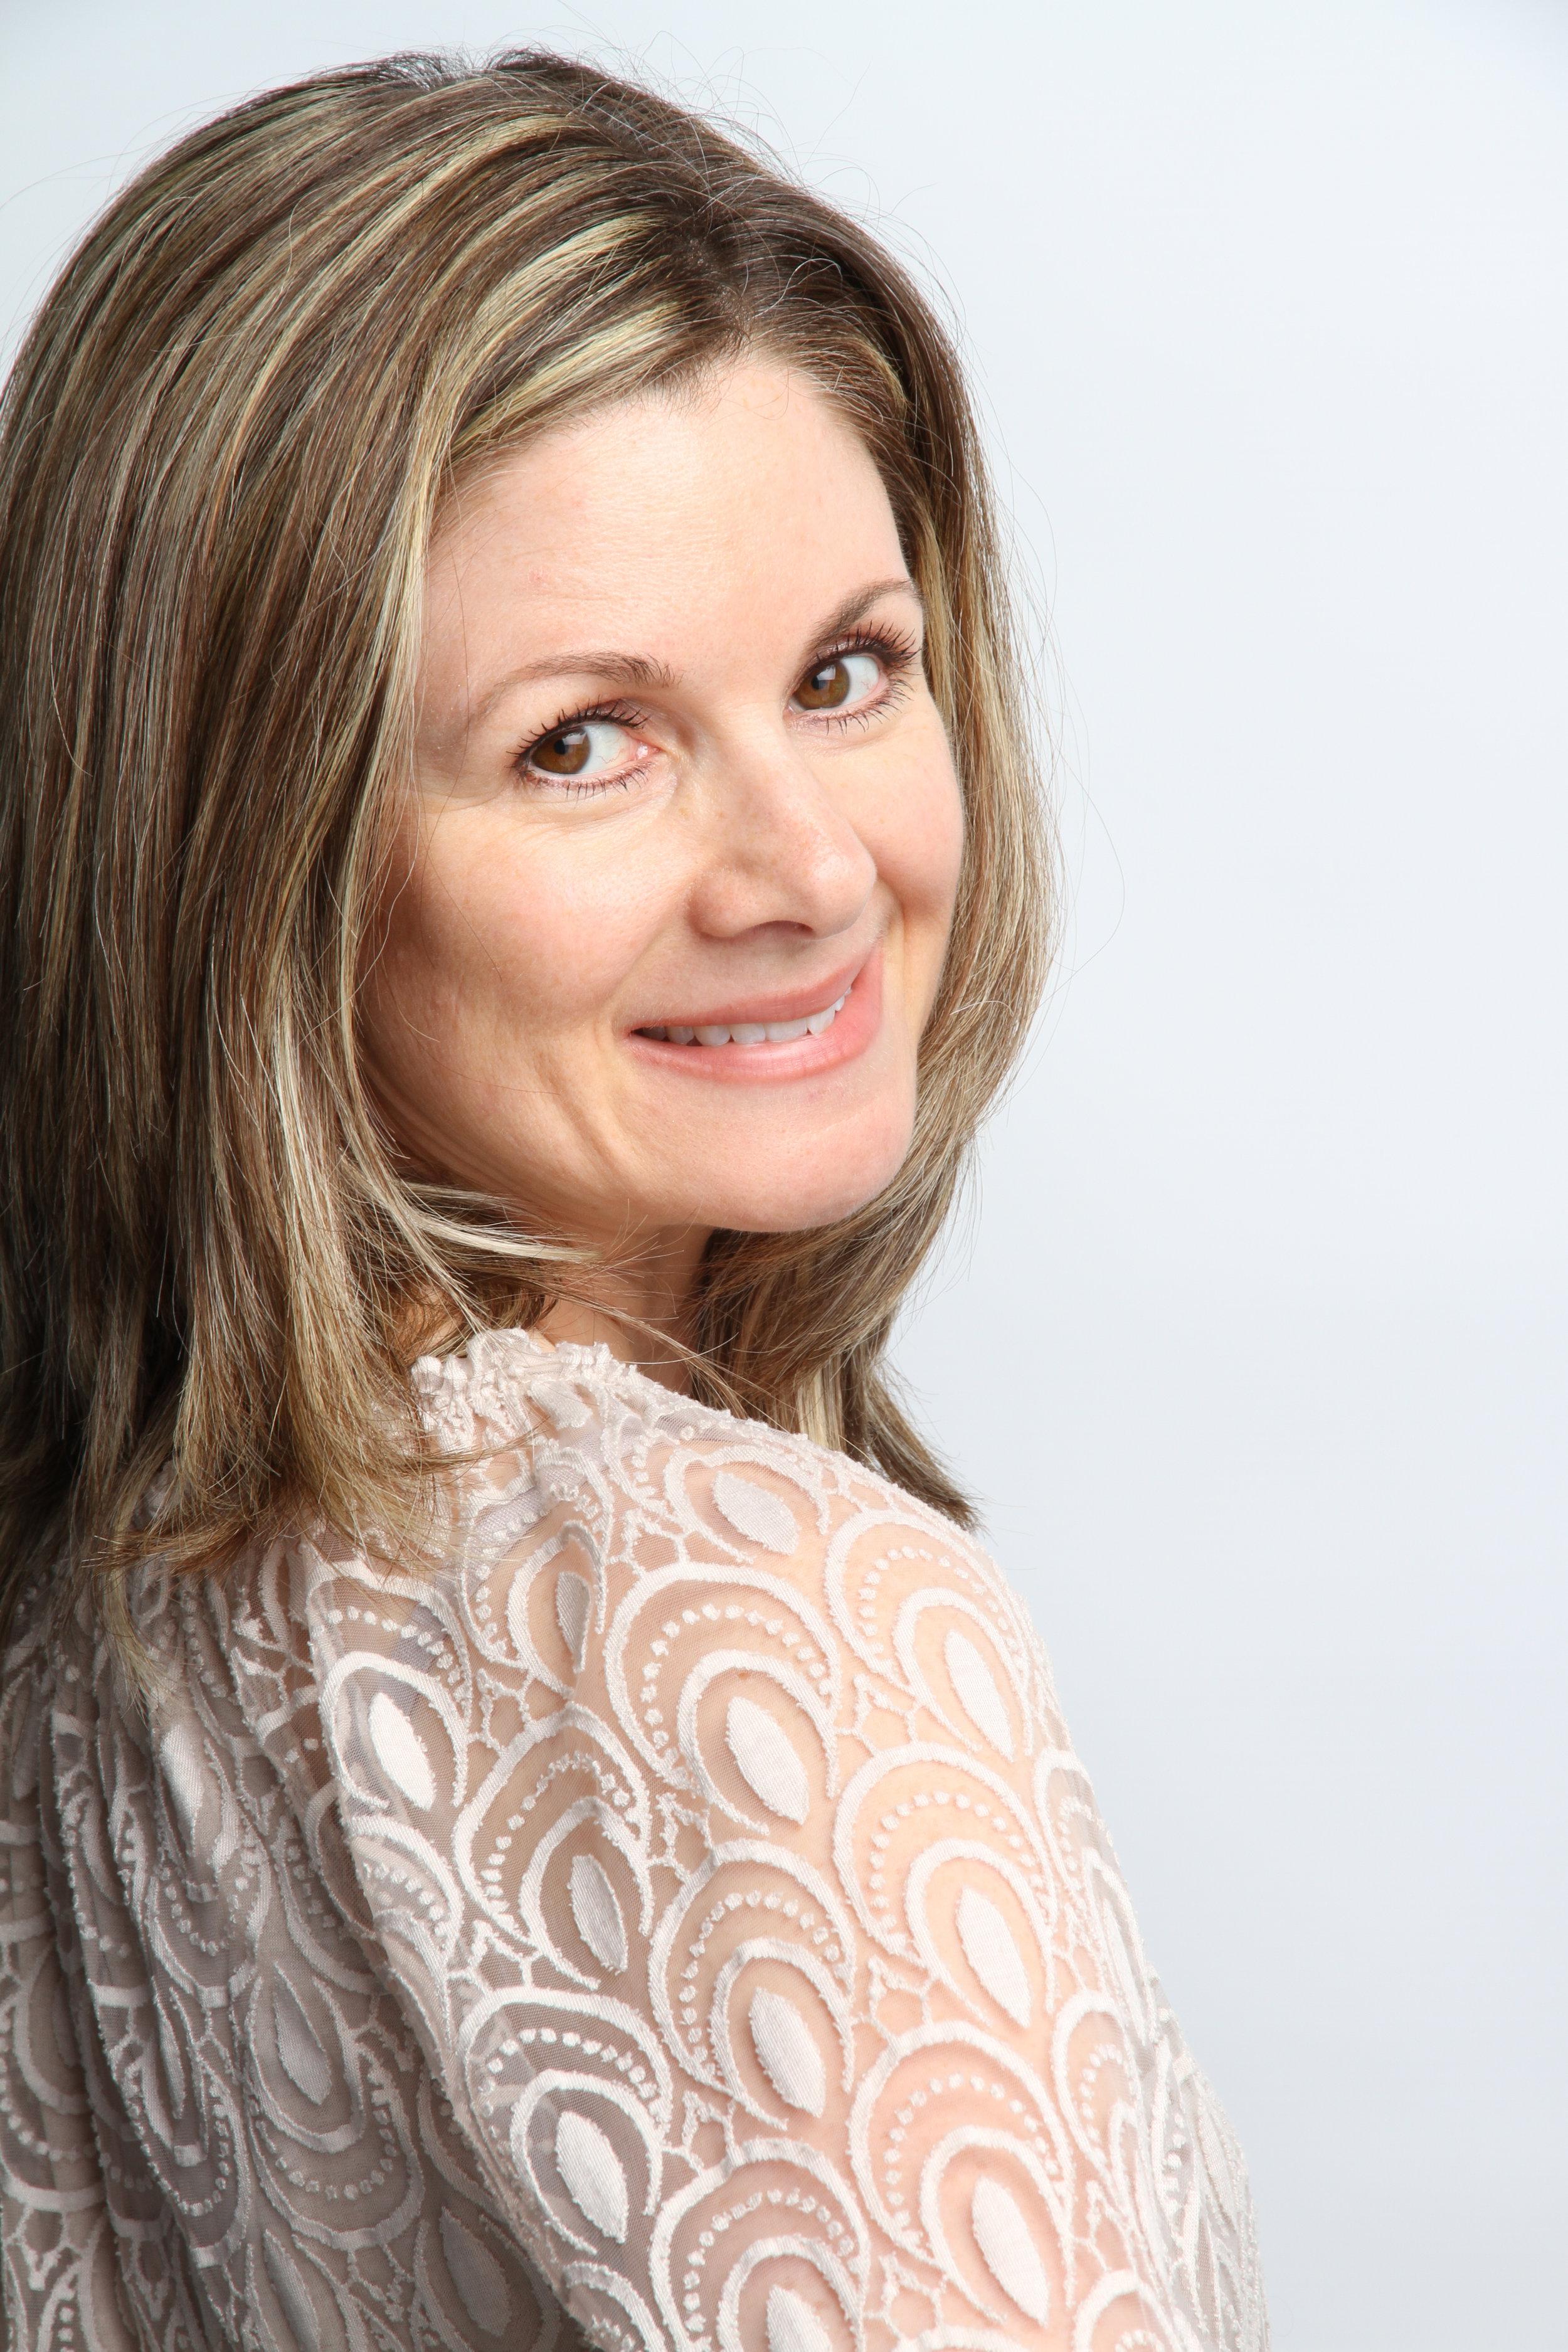 Christina Masciangelo